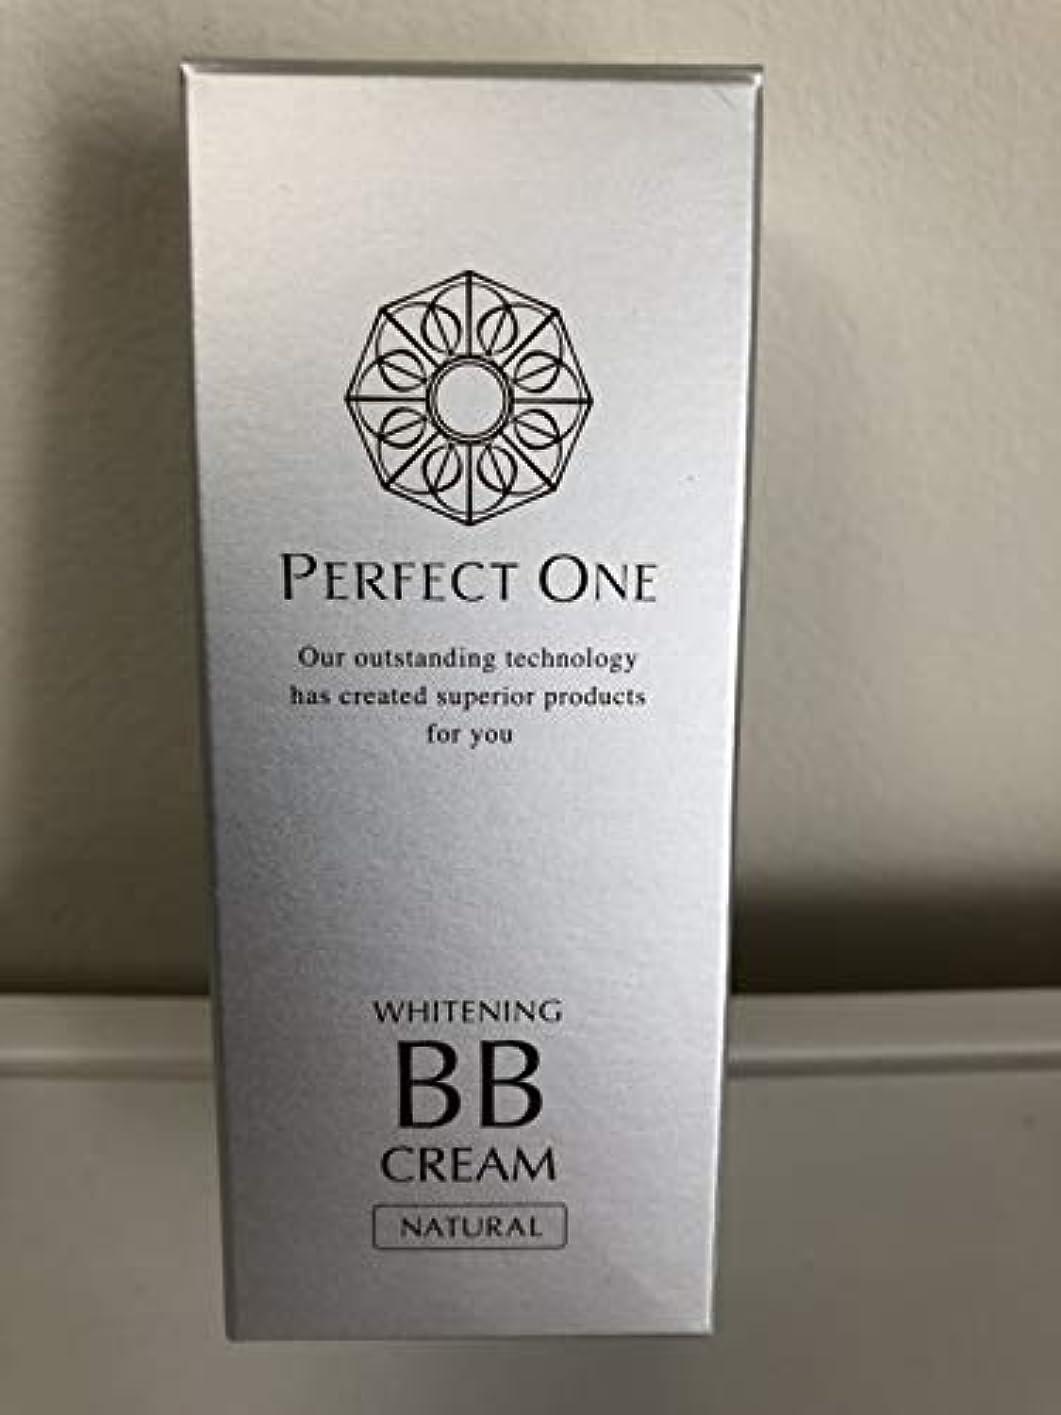 こする待ってに同意する新日本製薬 パーフェクトワン 薬用ホワイトニングBBクリーム ナチュラル 25g